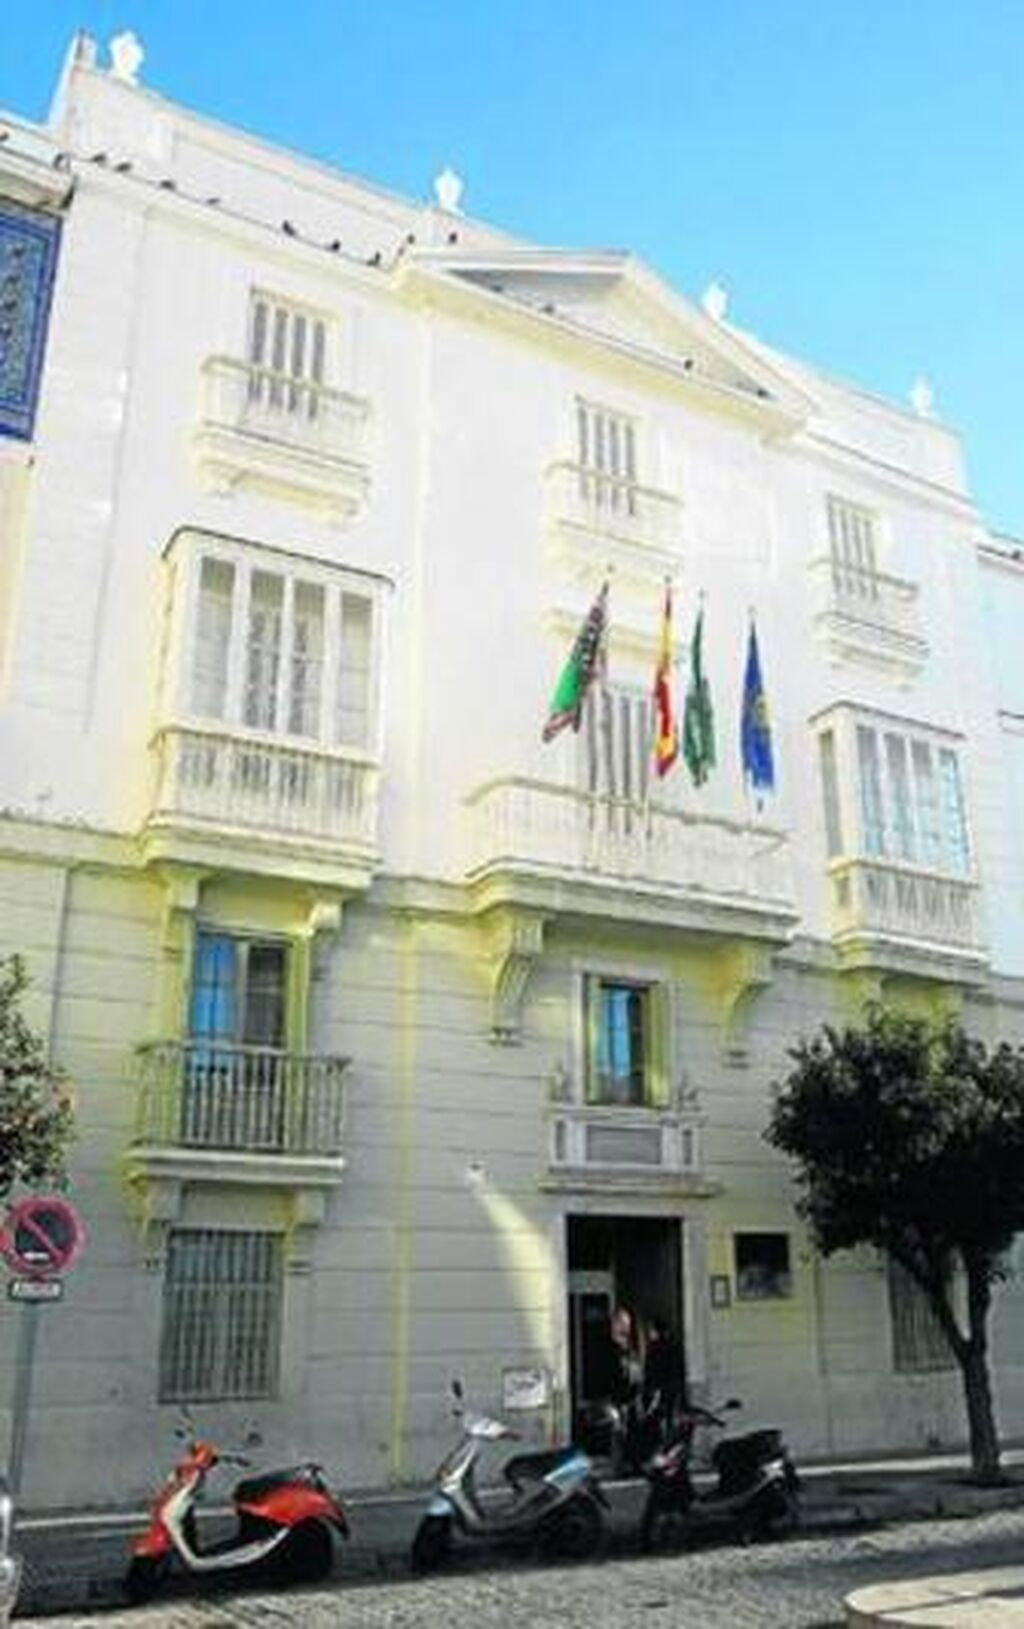 Plaza San Antonio Palacete Sede De La Uneduna Casa Tan Visitada  # Muebles Miguel Angel Cadiz